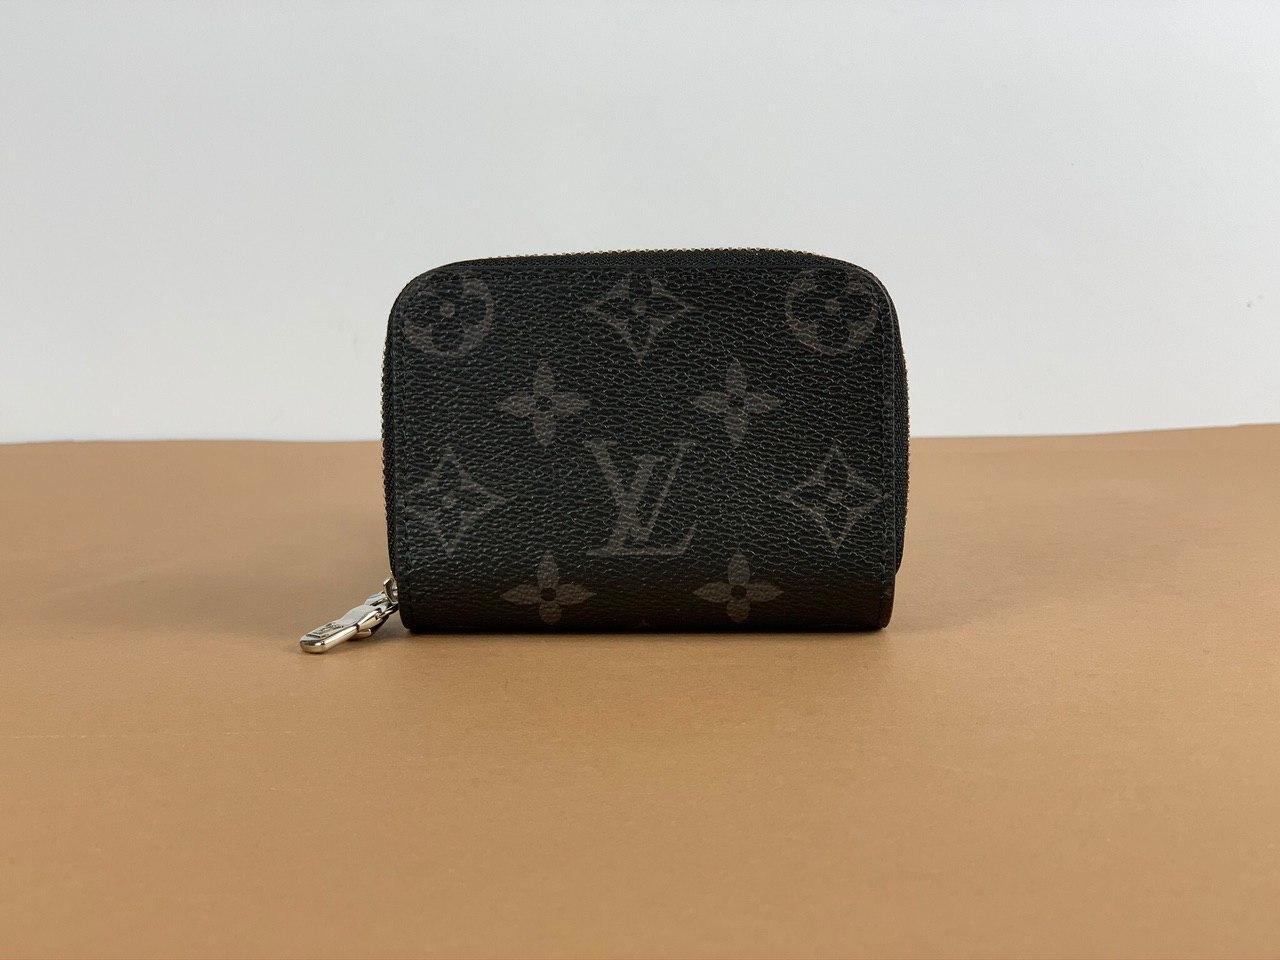 Кошелек Louis Vuitton (Луи Виттон) арт. 22-134